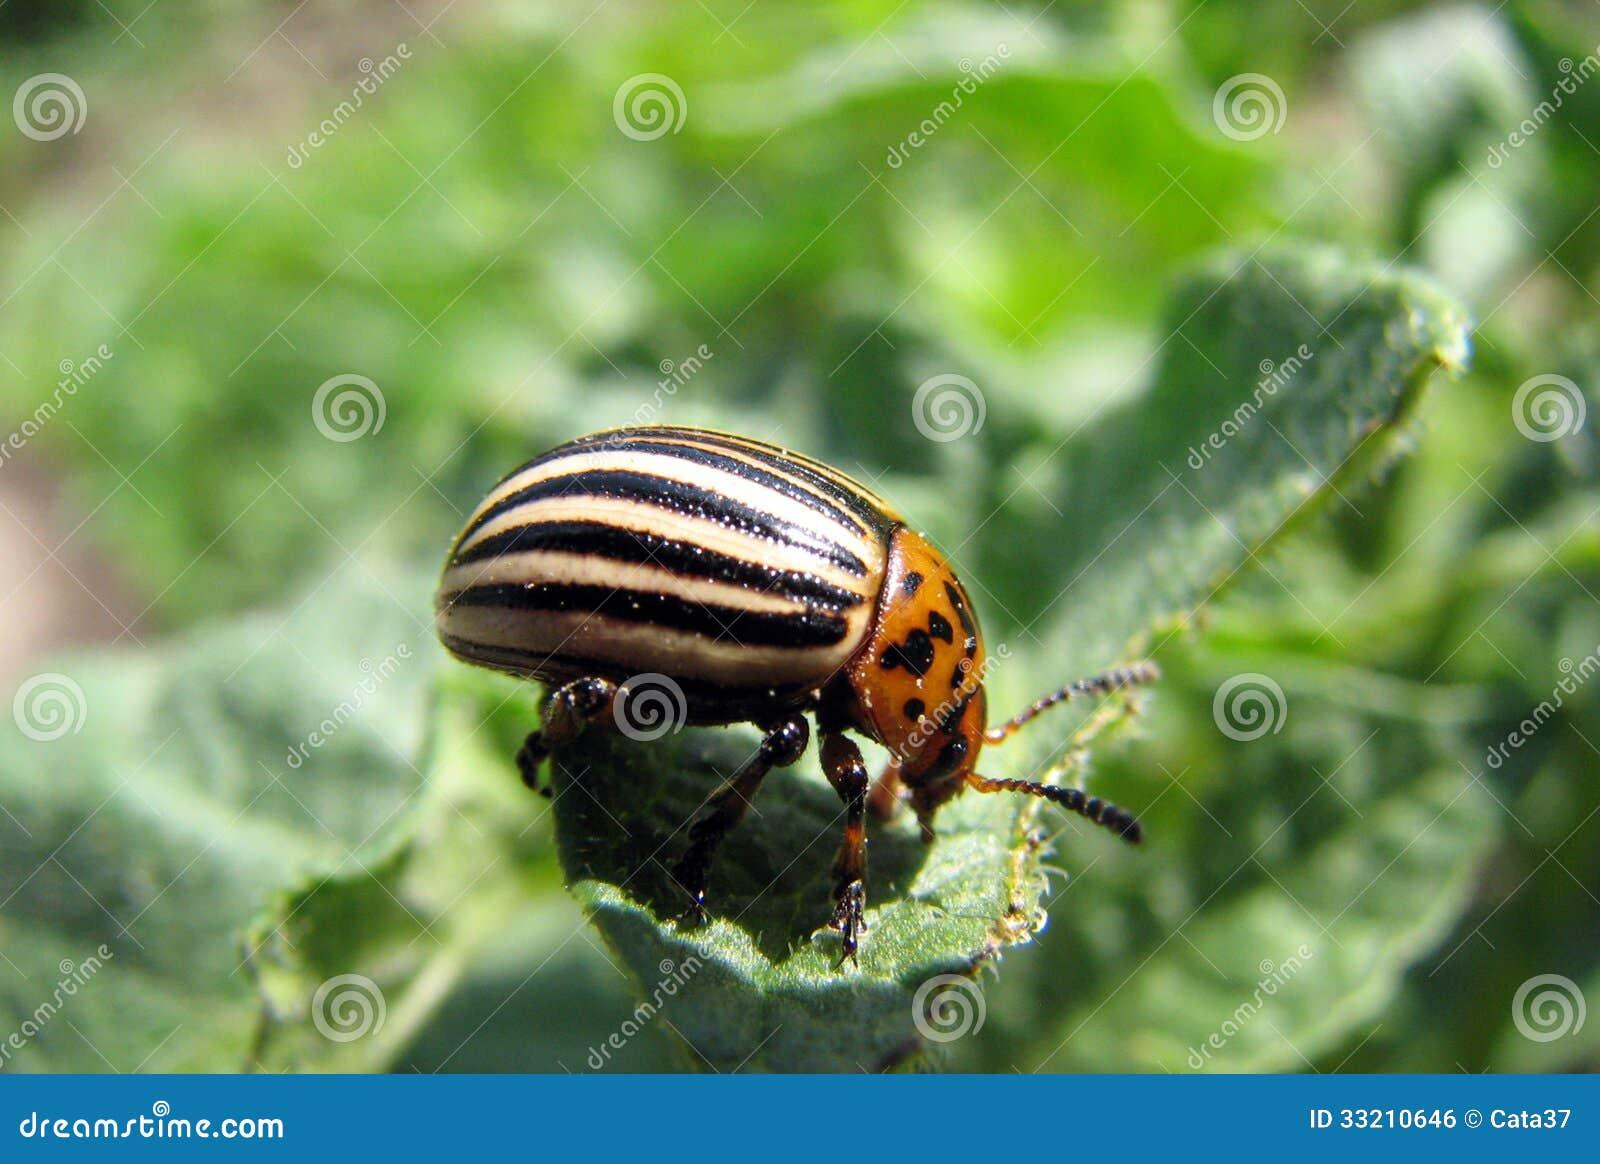 Insecte de pomme de terre